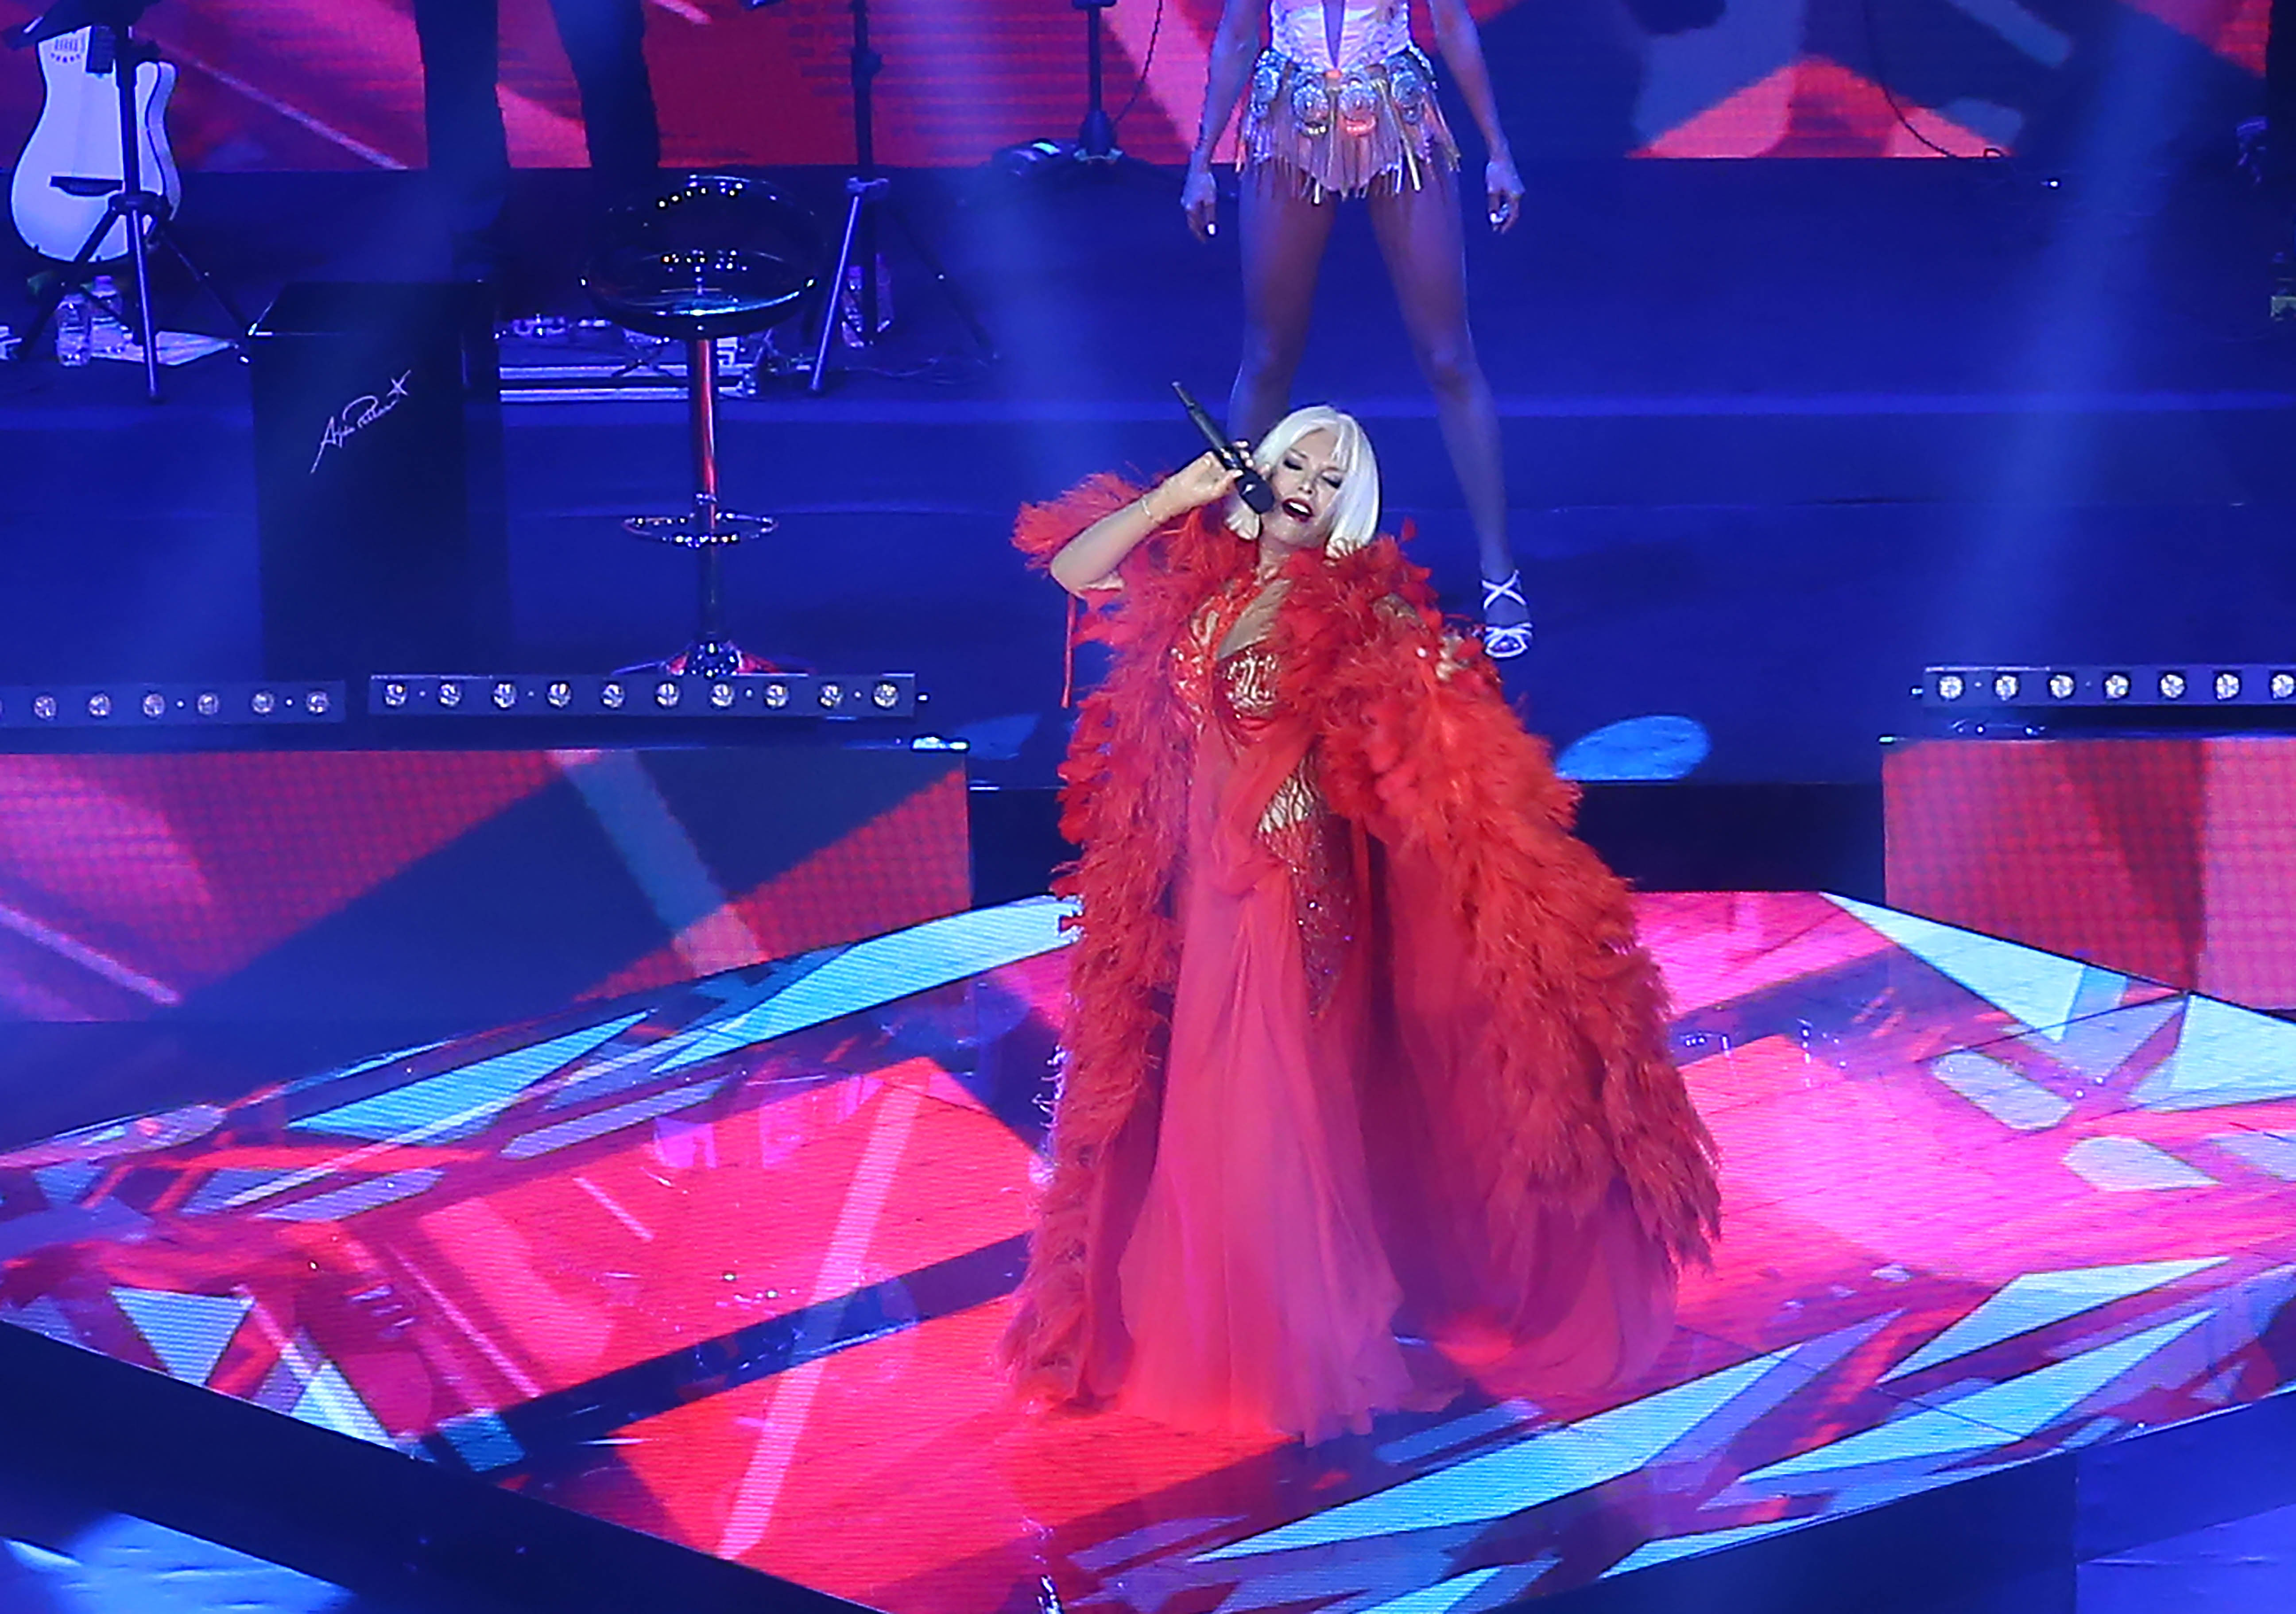 """Ünlü şarkıcı Ajda Pekkan, """"Turkcell Yıldızlı Geceler"""" kapsamında Harbiye Cemil Topuzlu Açıkhava Sahnesi'nde hayranlarıyla buluştu. ( Abdullah Coşkun - Anadolu Ajansı )"""